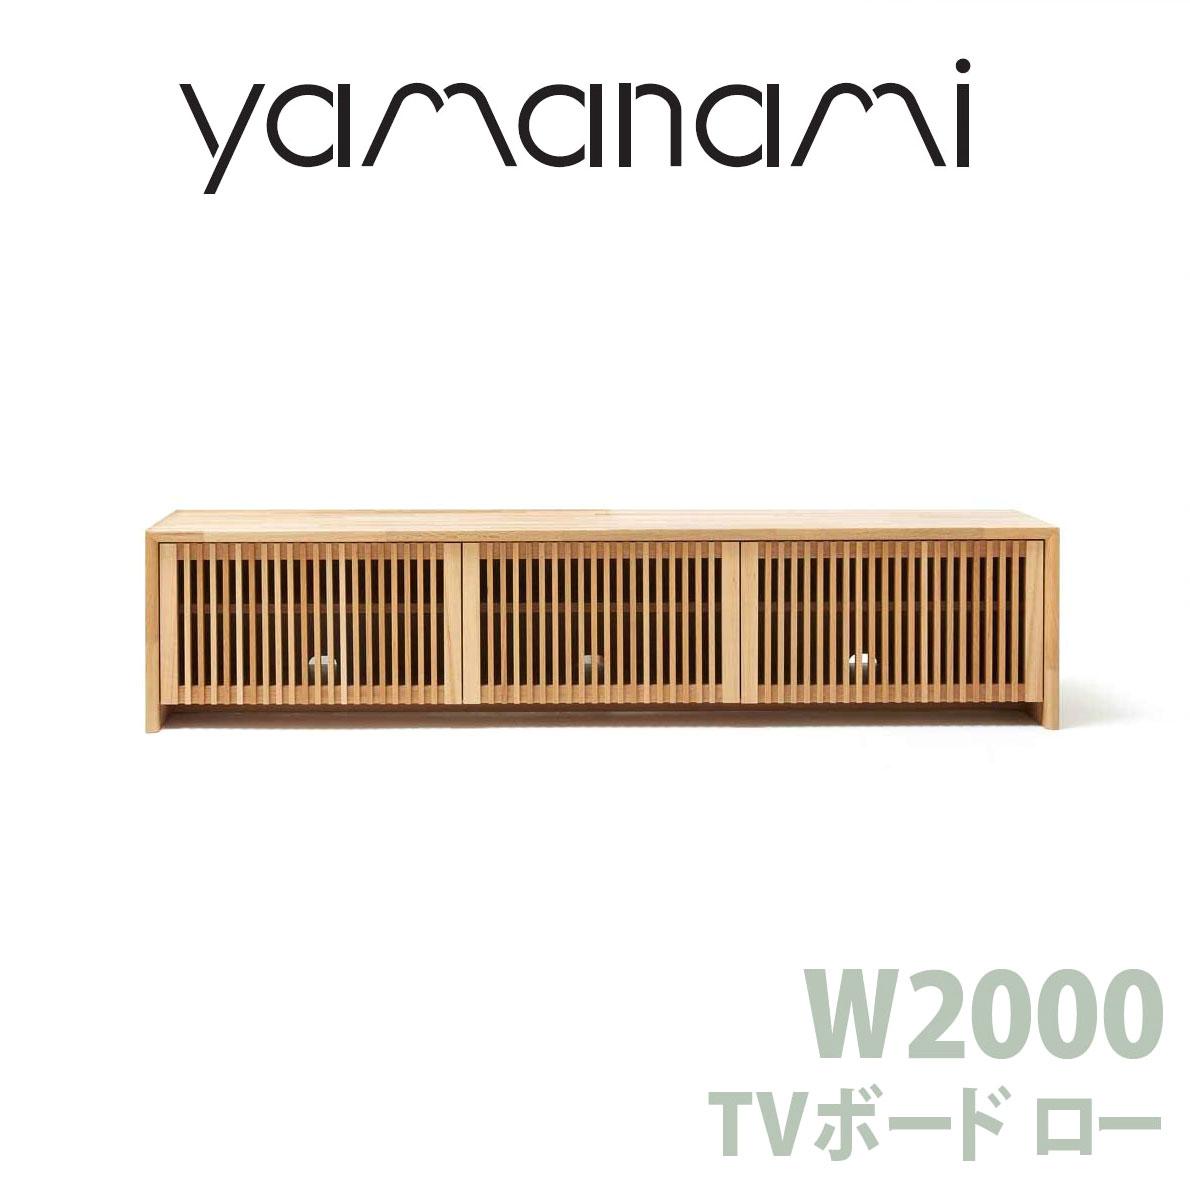 【送料無料】匠工芸 yamanami TVボード ロー W2000 ウォールナット YTB1 low【テレビ オーディオ テレビ台 サイドボード 日本製 木製 家具 ウッド】